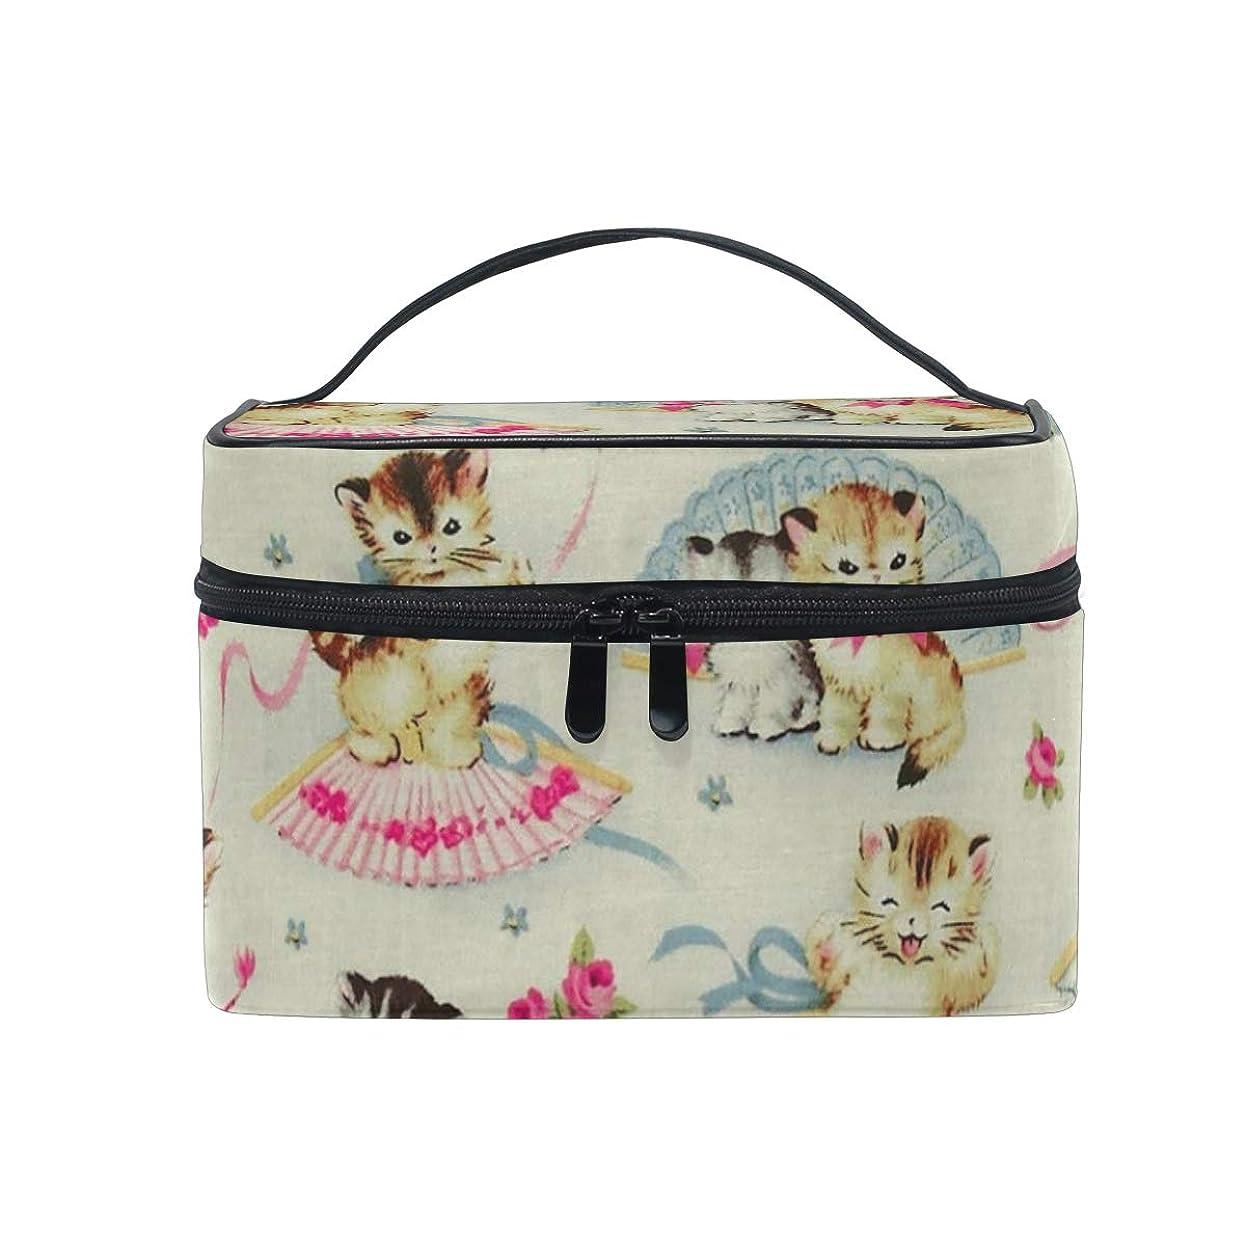 貨物ハロウィン頼むメイクポーチ 可愛い 猫 化粧ポーチ 化粧箱 バニティポーチ コスメポーチ 化粧品 収納 雑貨 小物入れ 女性 超軽量 機能的 大容量